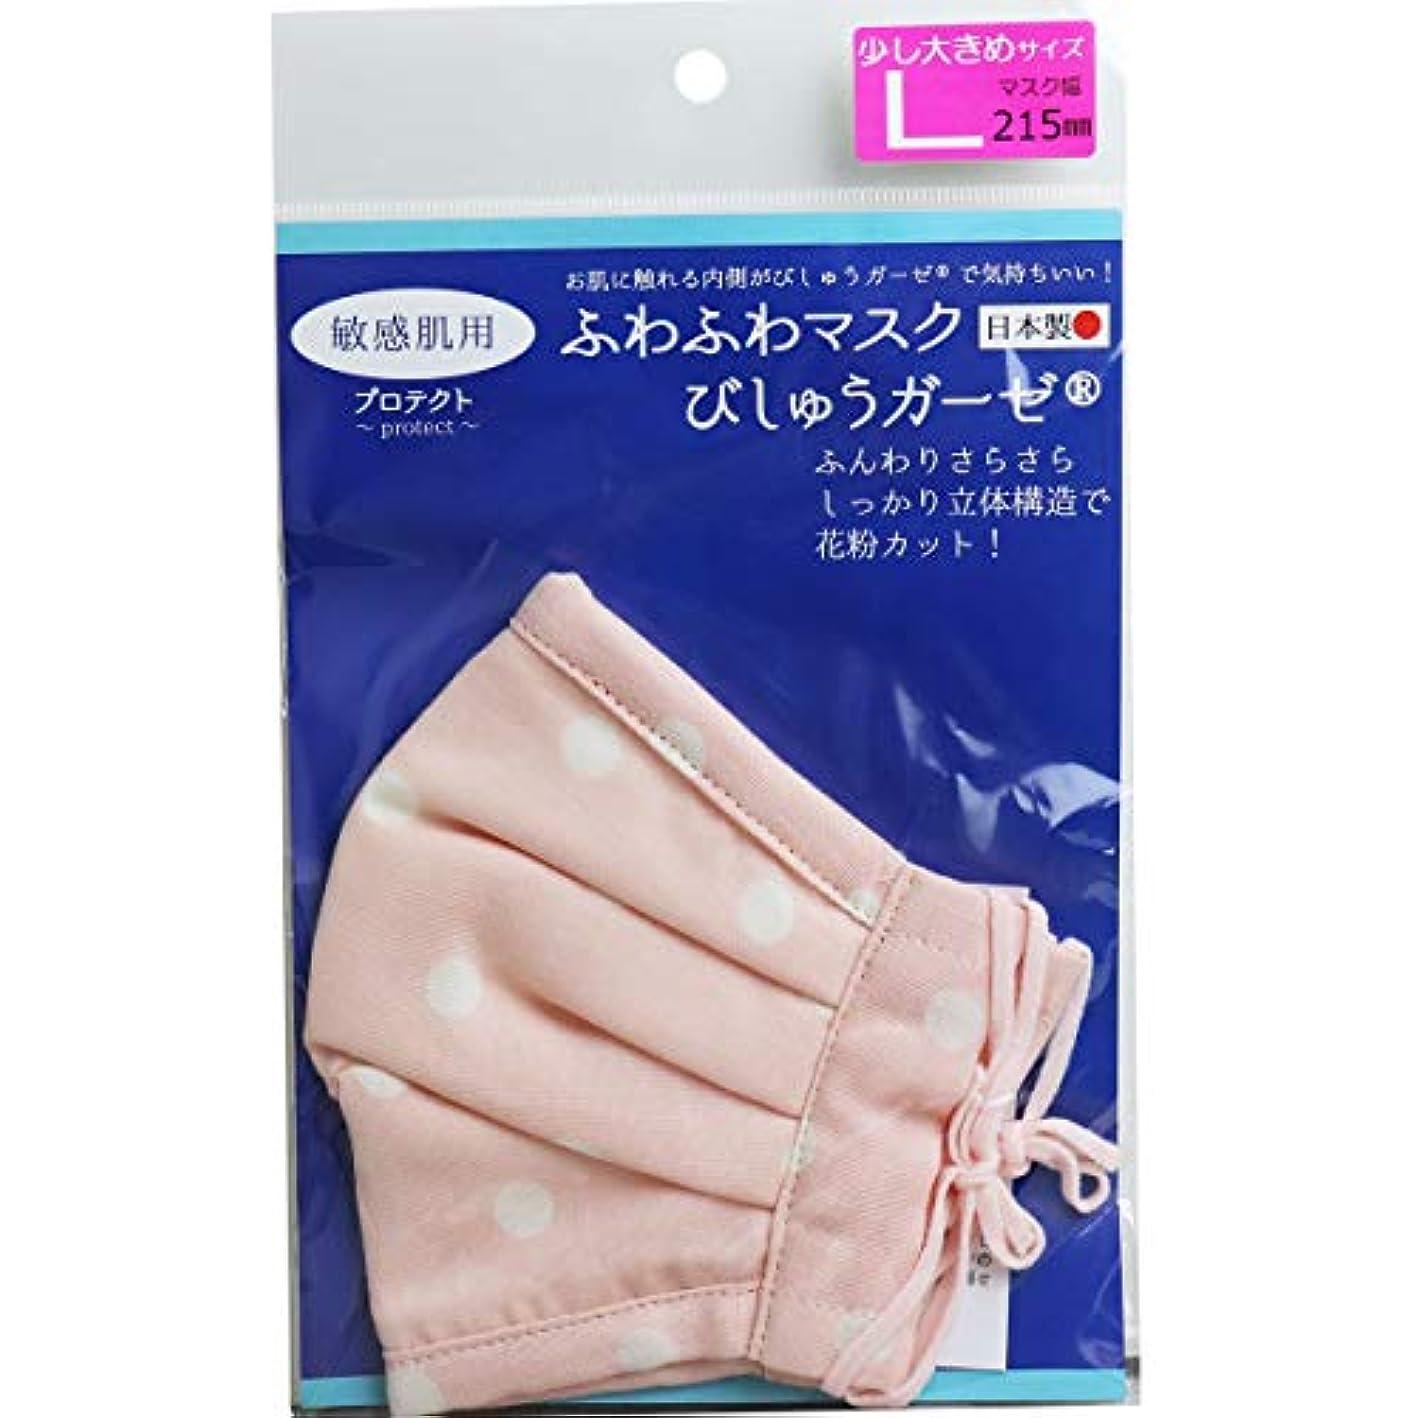 取得香水香水ふわふわマスク びしゅうガーゼ 敏感肌用 ピンクドット 少し大きめサイズ 1枚入×2個セット